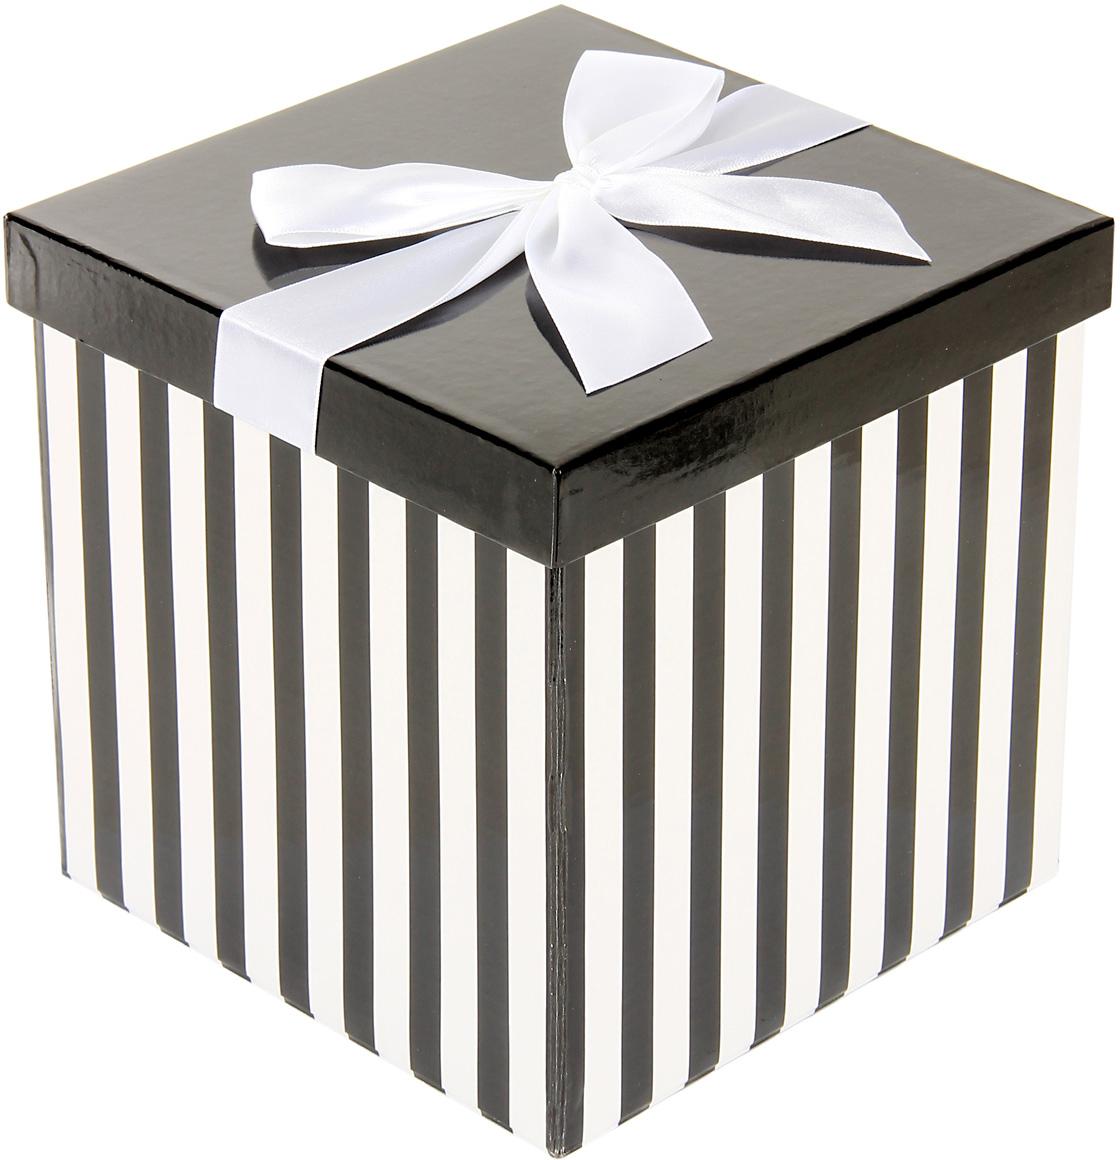 Коробка подарочная Veld-Co Giftbox. Трансформер. Черно-белая полоска, цвет: черный, 17,5 х 17,5 х 17 см коробка подарочная veld co giftbox трансформер фиолетовые завитки цвет сиреневый 25 5 х 25 5 х 25 см